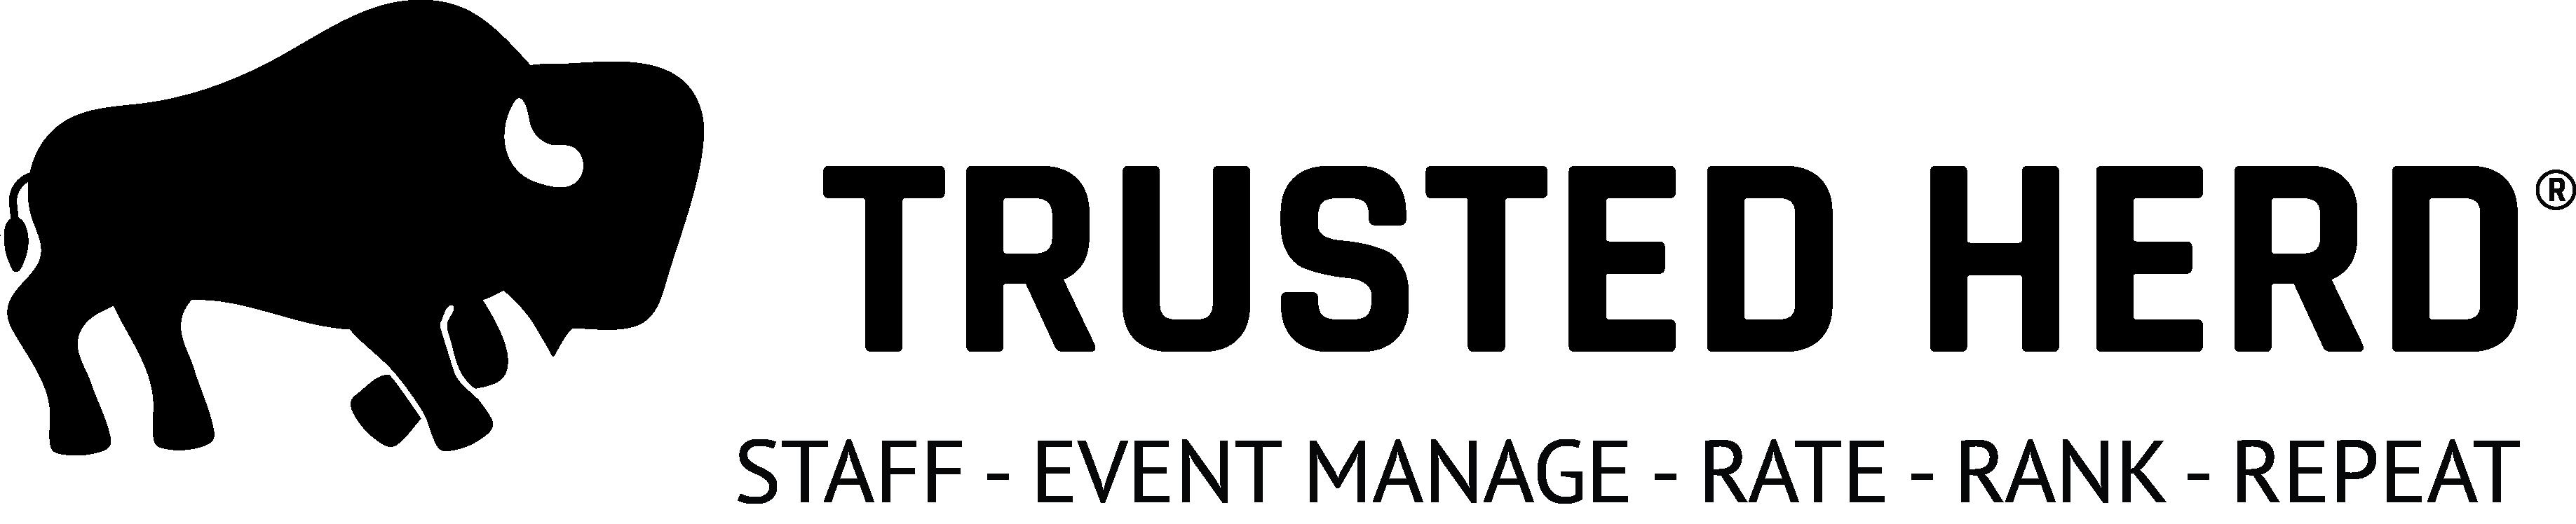 Trusted Herd Logo